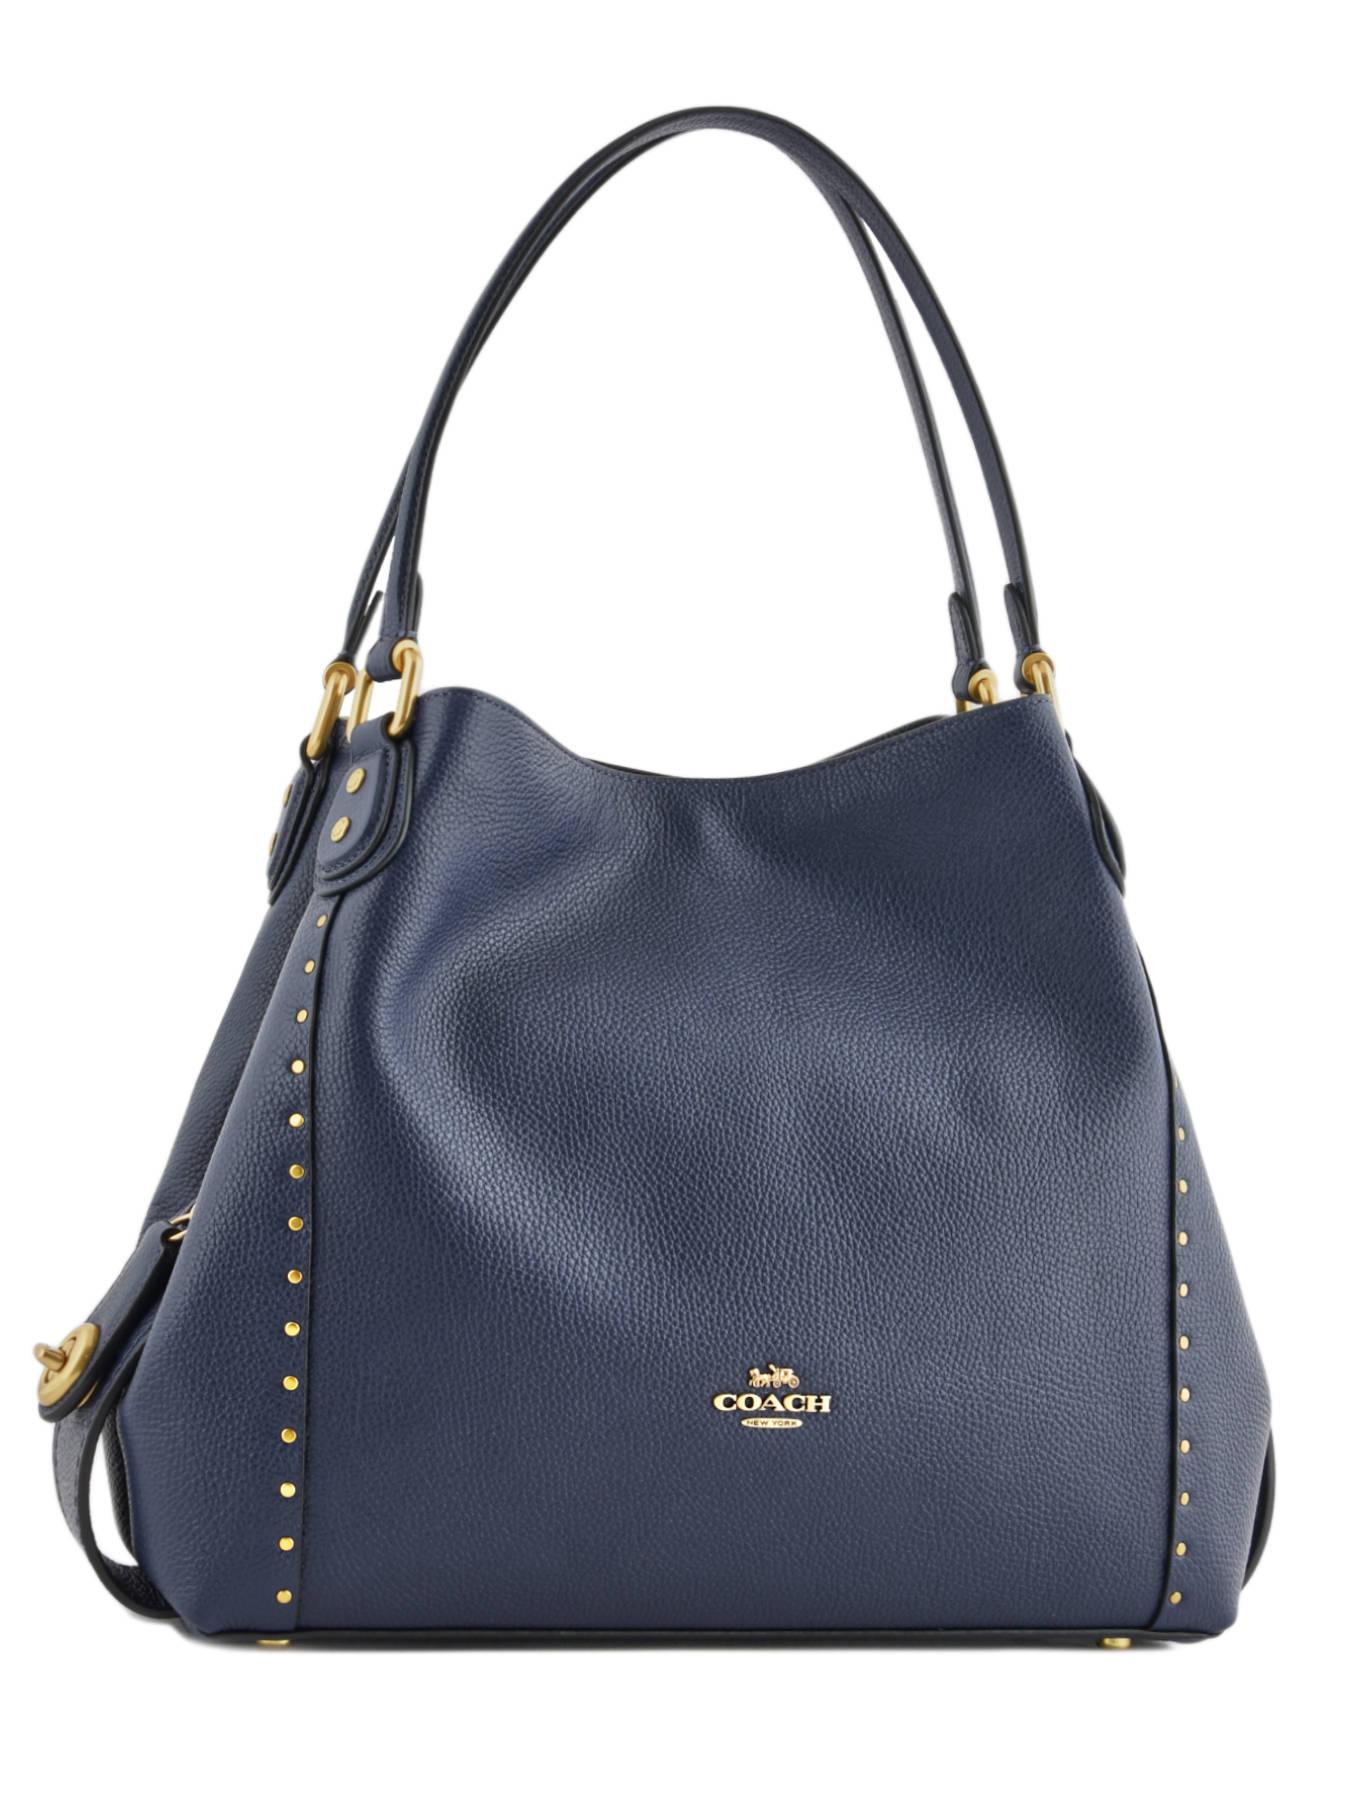 90ffcb1b161b ... Edie 31 Leather Shoulder Bag Coach Blue edie 38720 ...